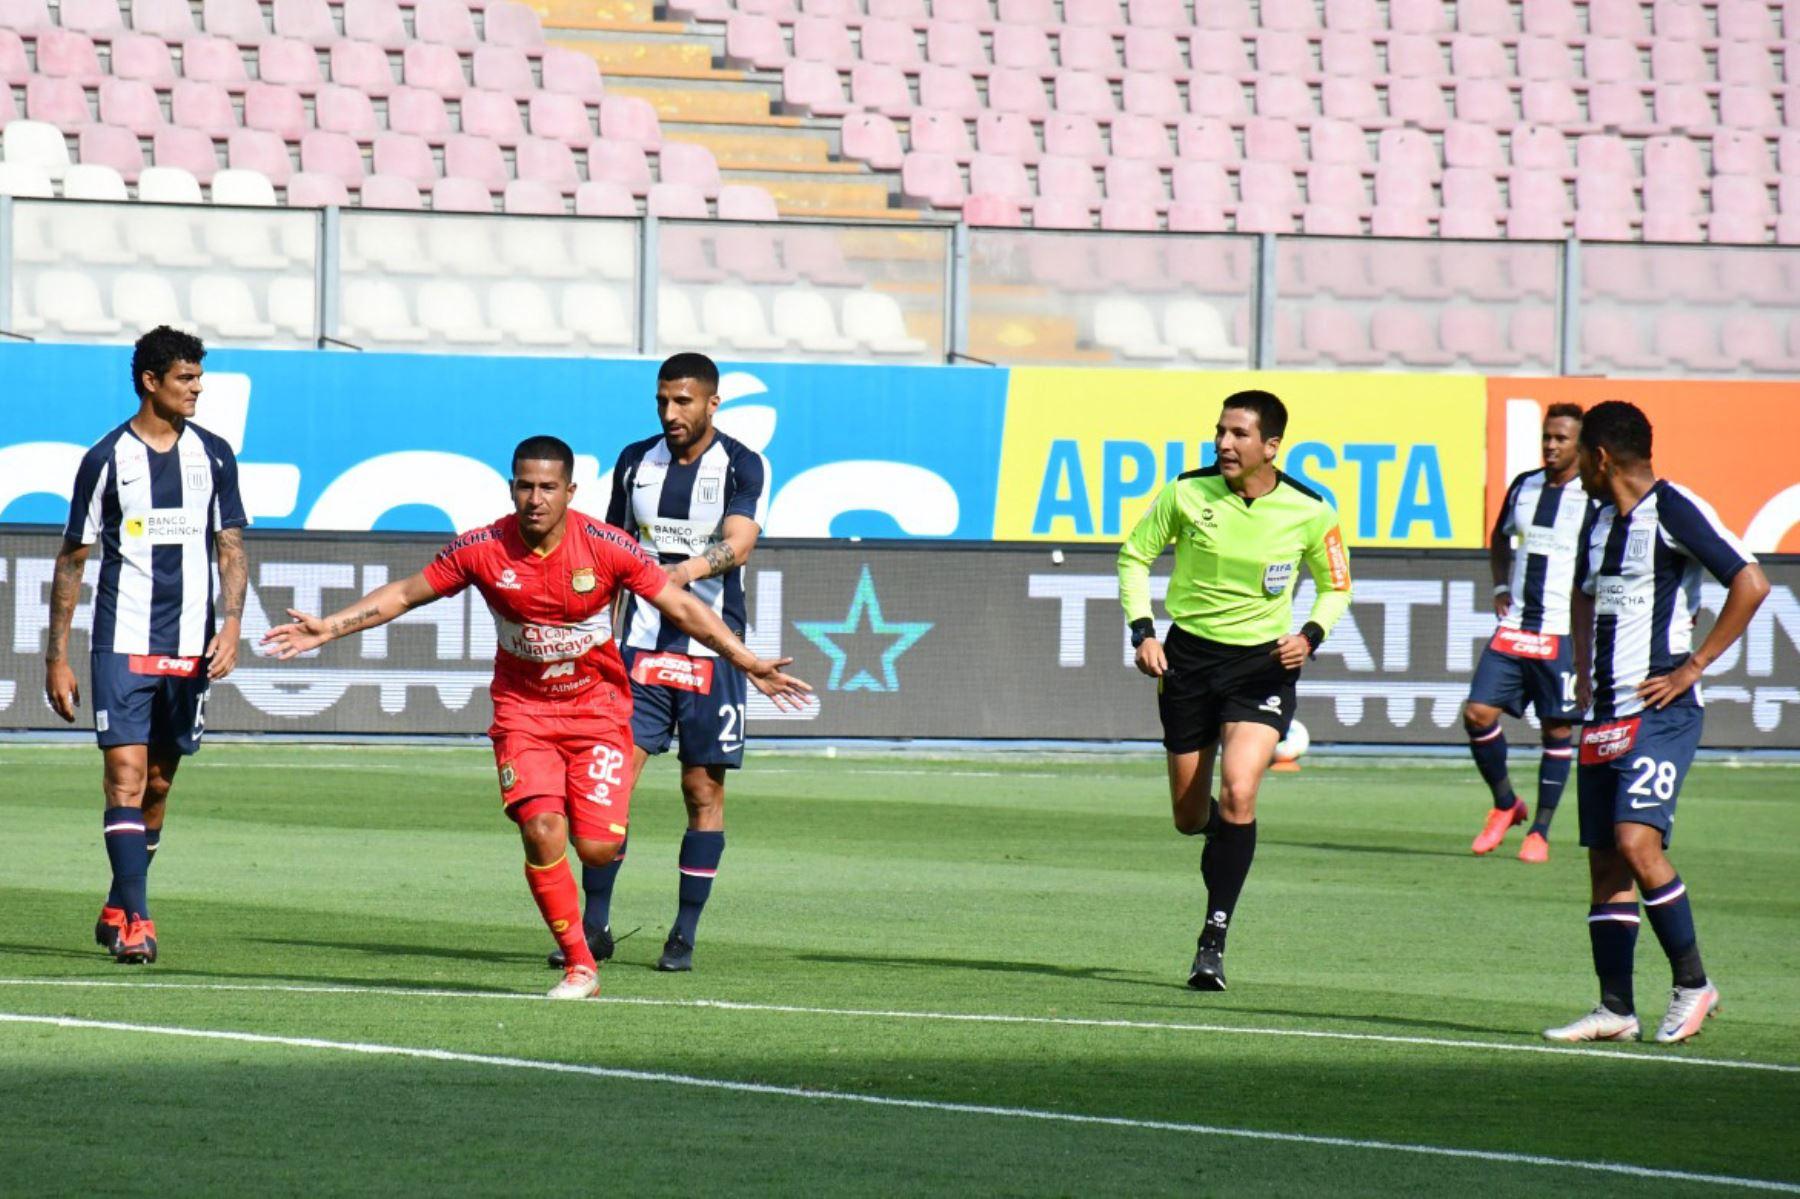 El futbolista M . Valverde de Sport Huancayo   celebra su gol ante Alianza Lima,  durante el partido de la fase 2 por la fecha 9 de la Liga 1 , en el Estadio Nacional.   Foto: @LigaFutProfdel